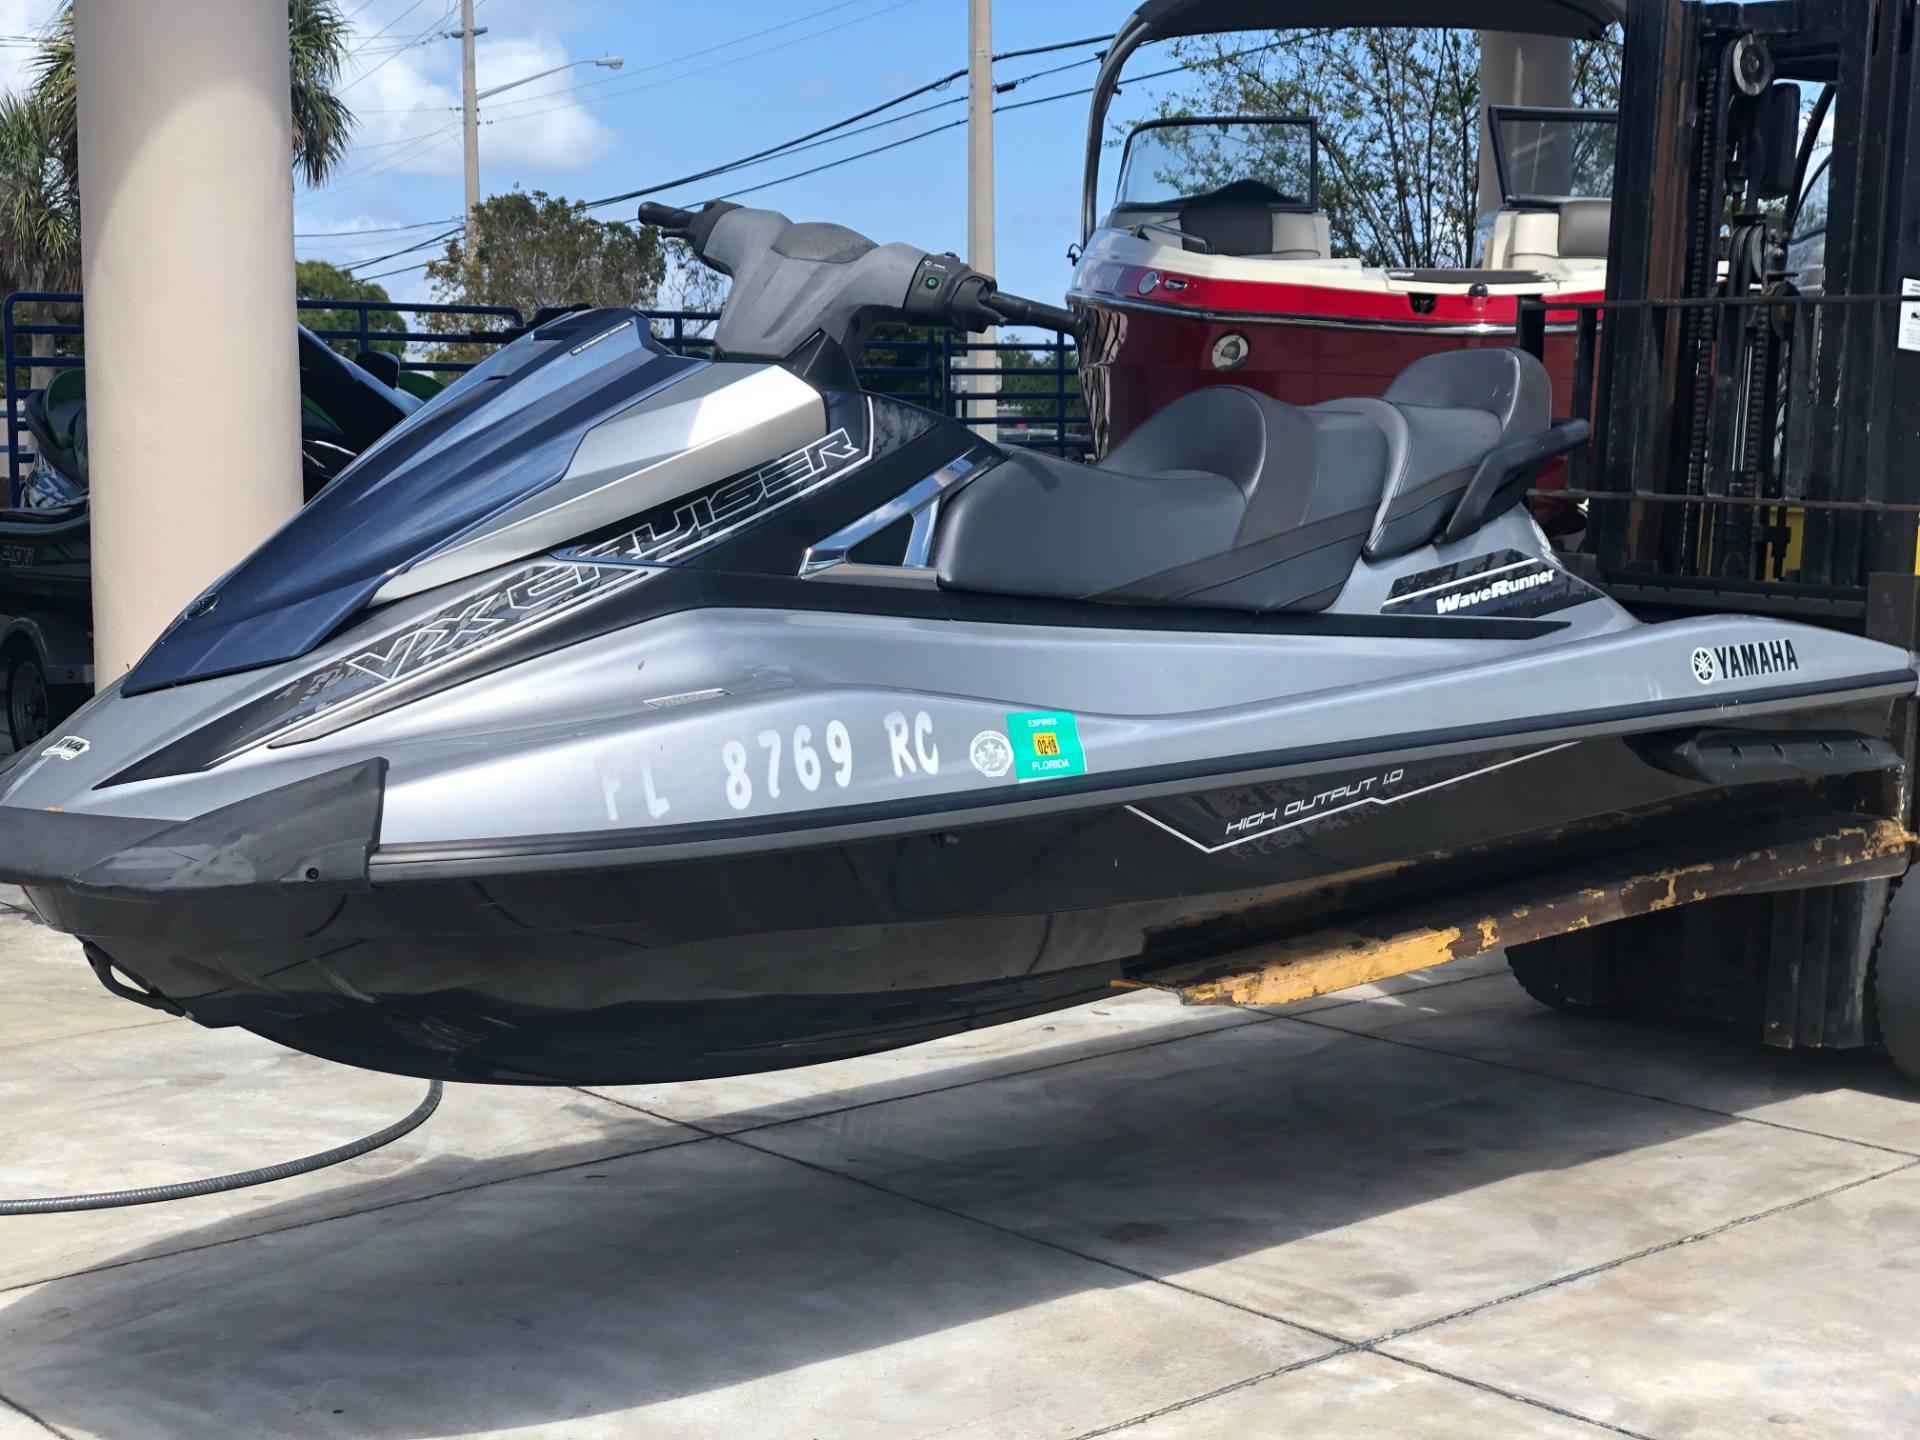 2016 Yamaha Vx Cruiser In Pompano Beach Florida